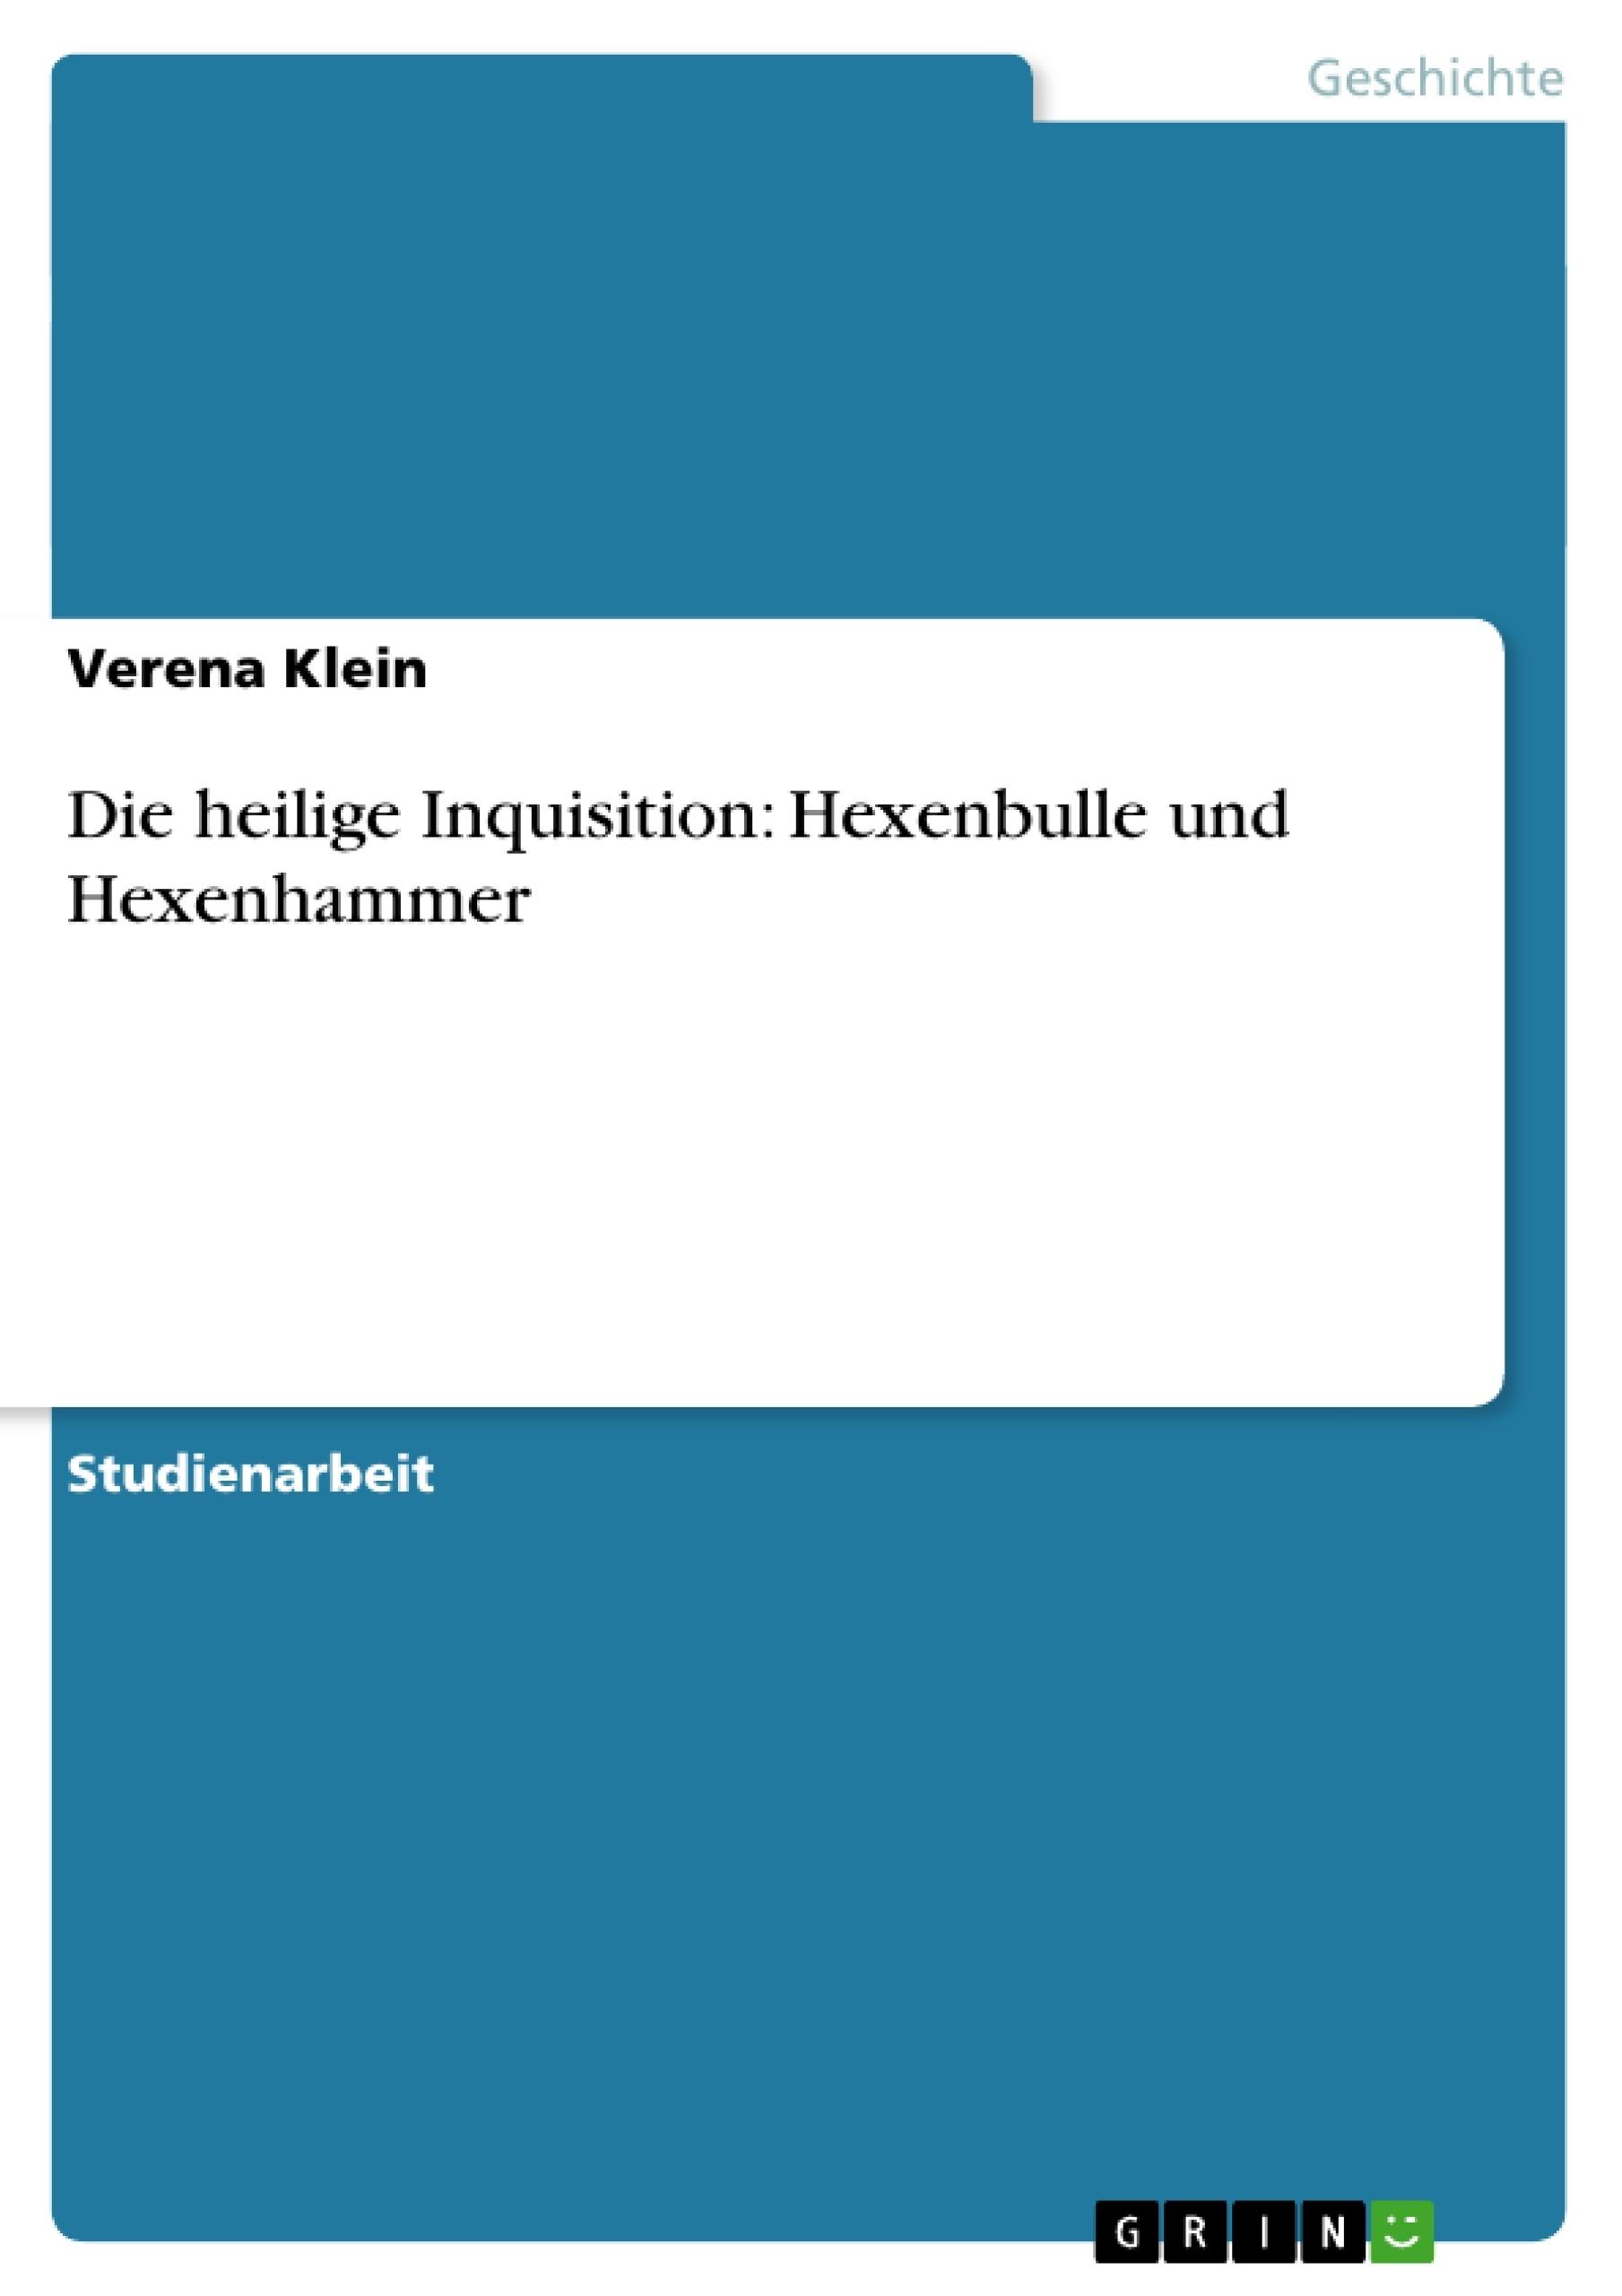 Titel: Die heilige Inquisition: Hexenbulle und Hexenhammer